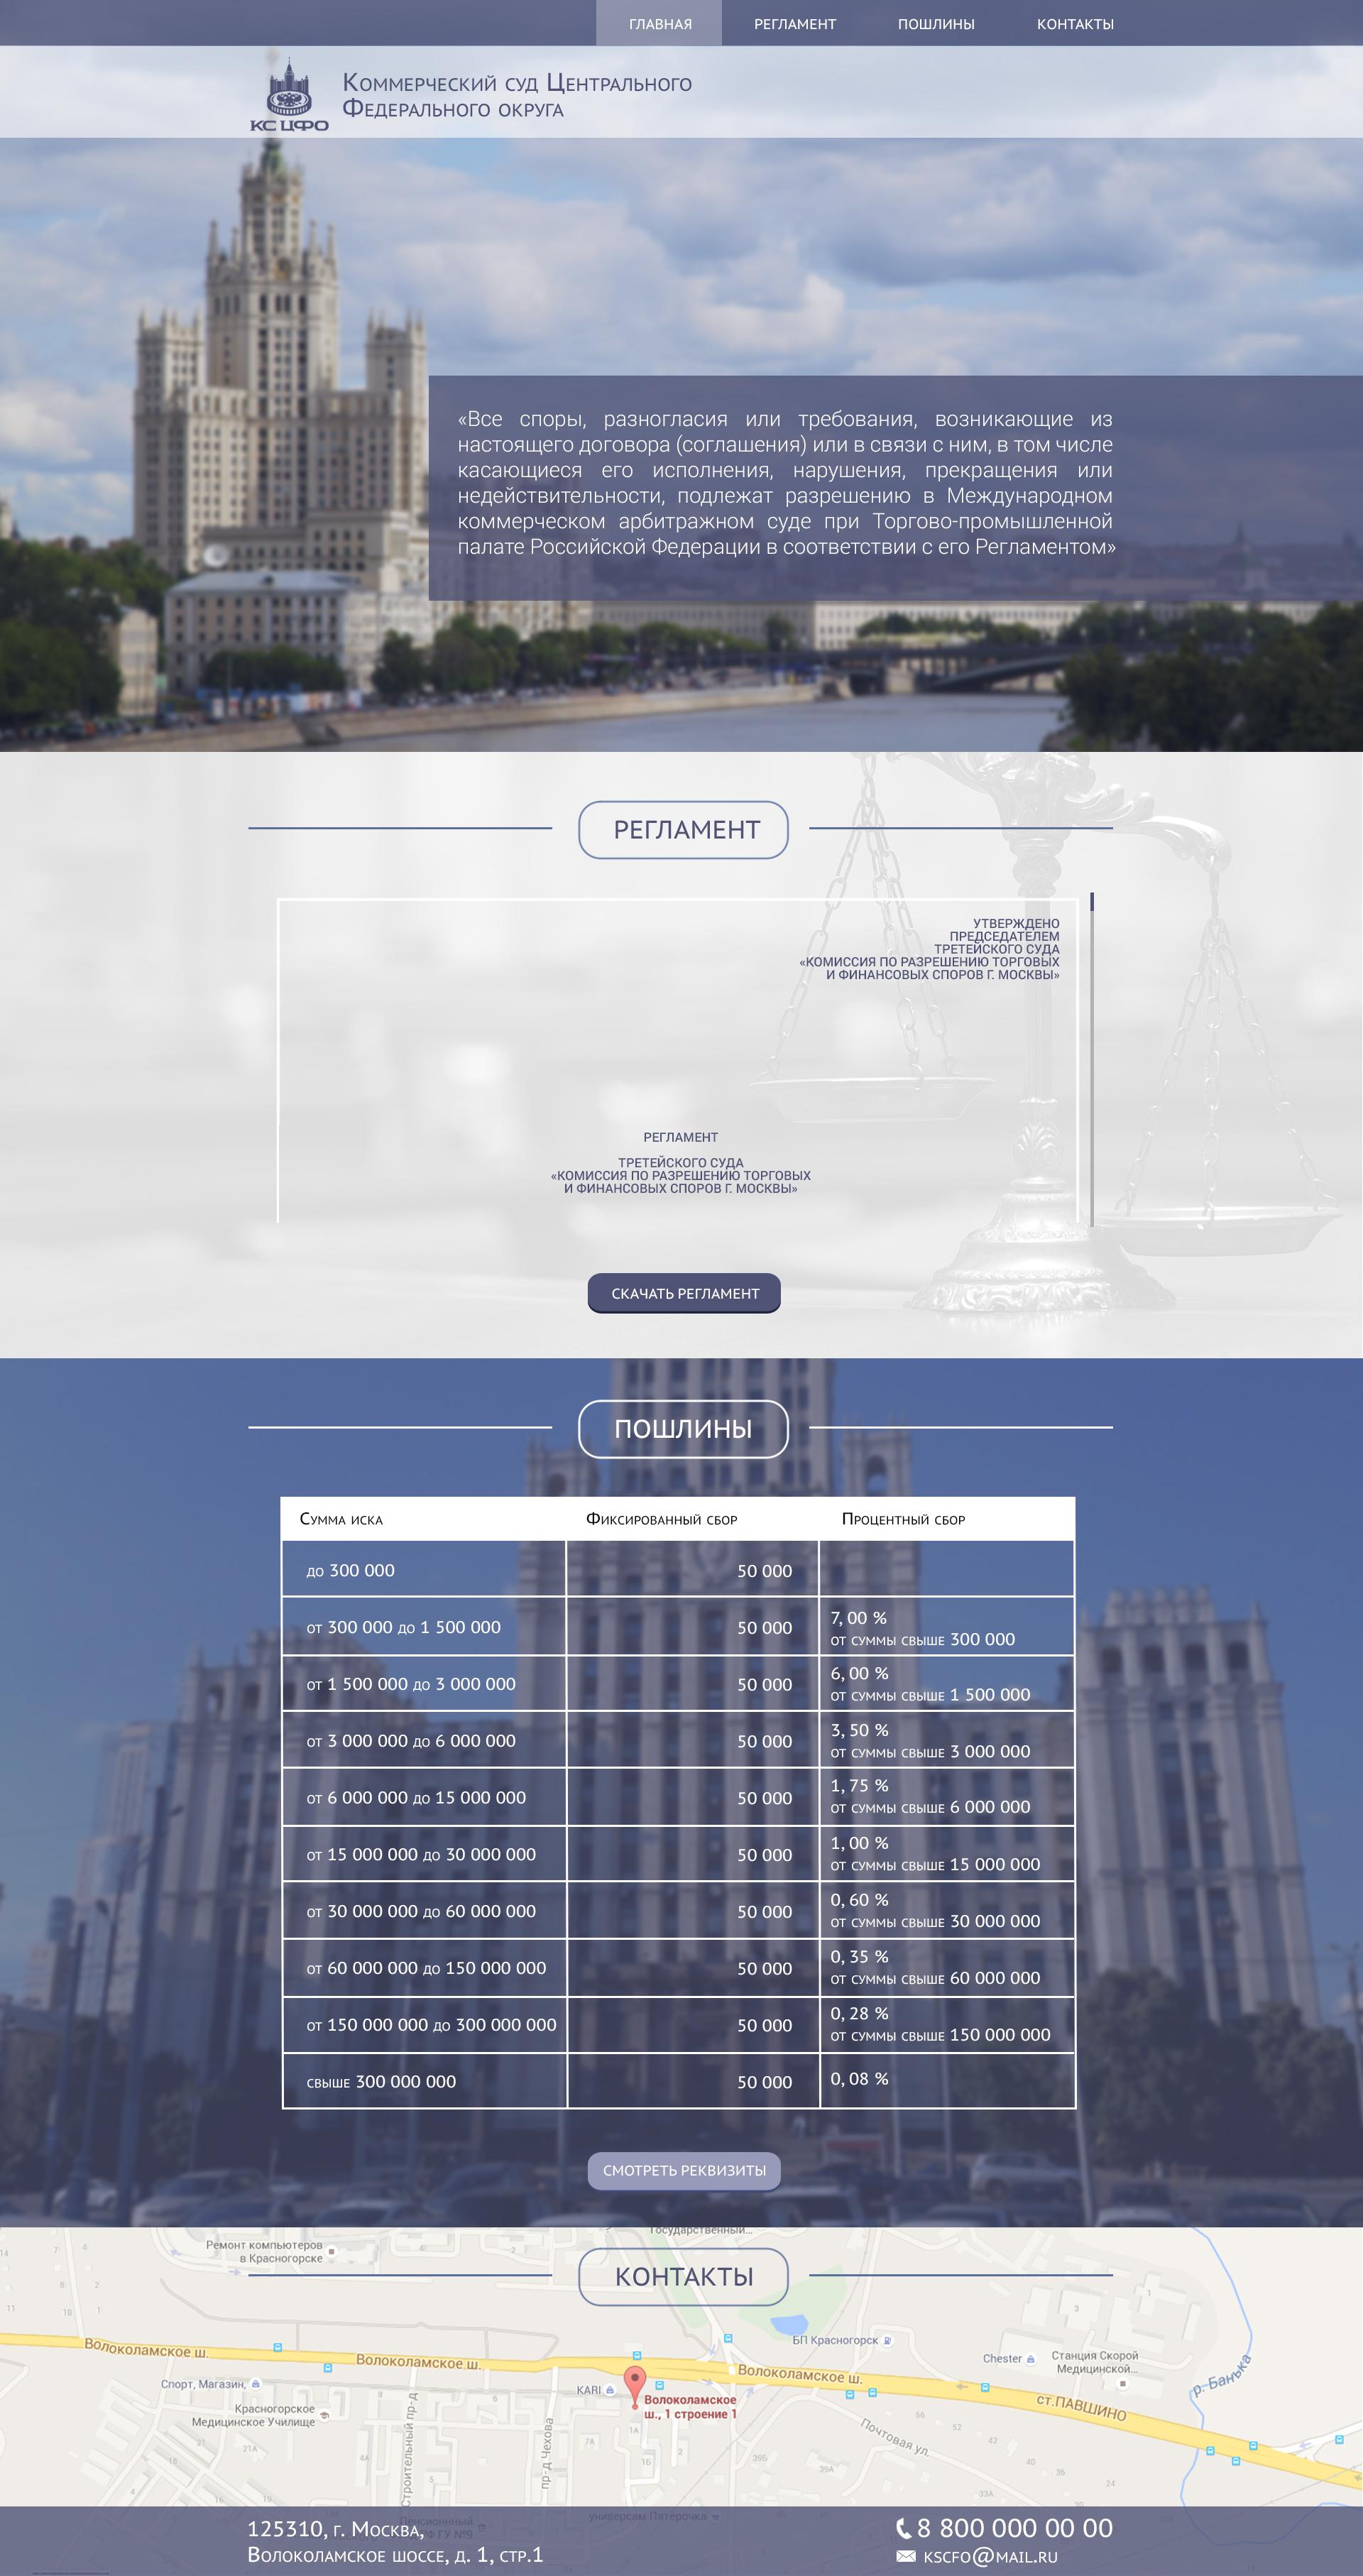 Разработка дизайна landing page для коммерческого суда